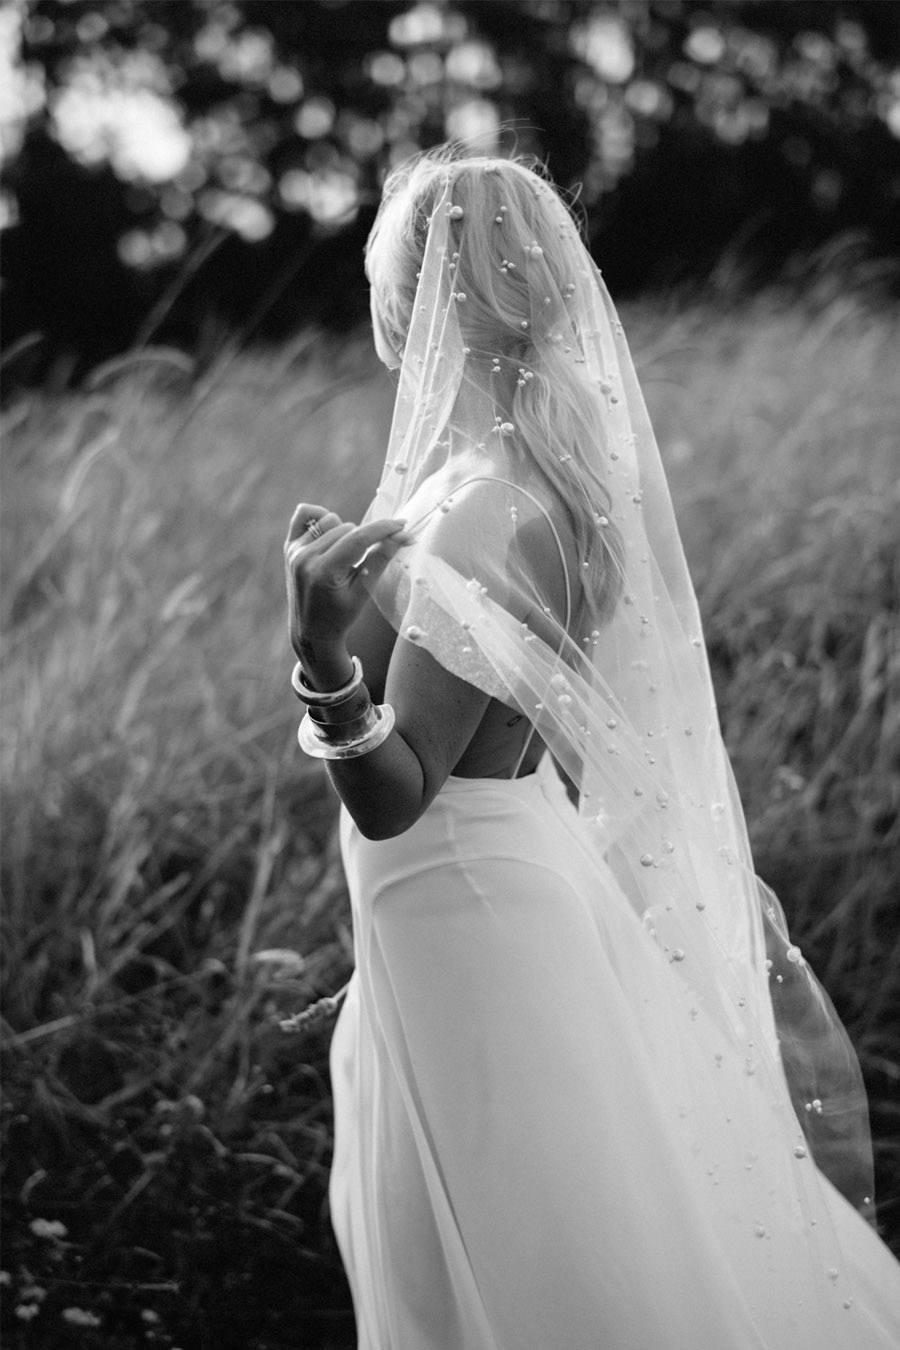 LA NOVIA DEL VELO DE PERLAS novia-velo-perlas